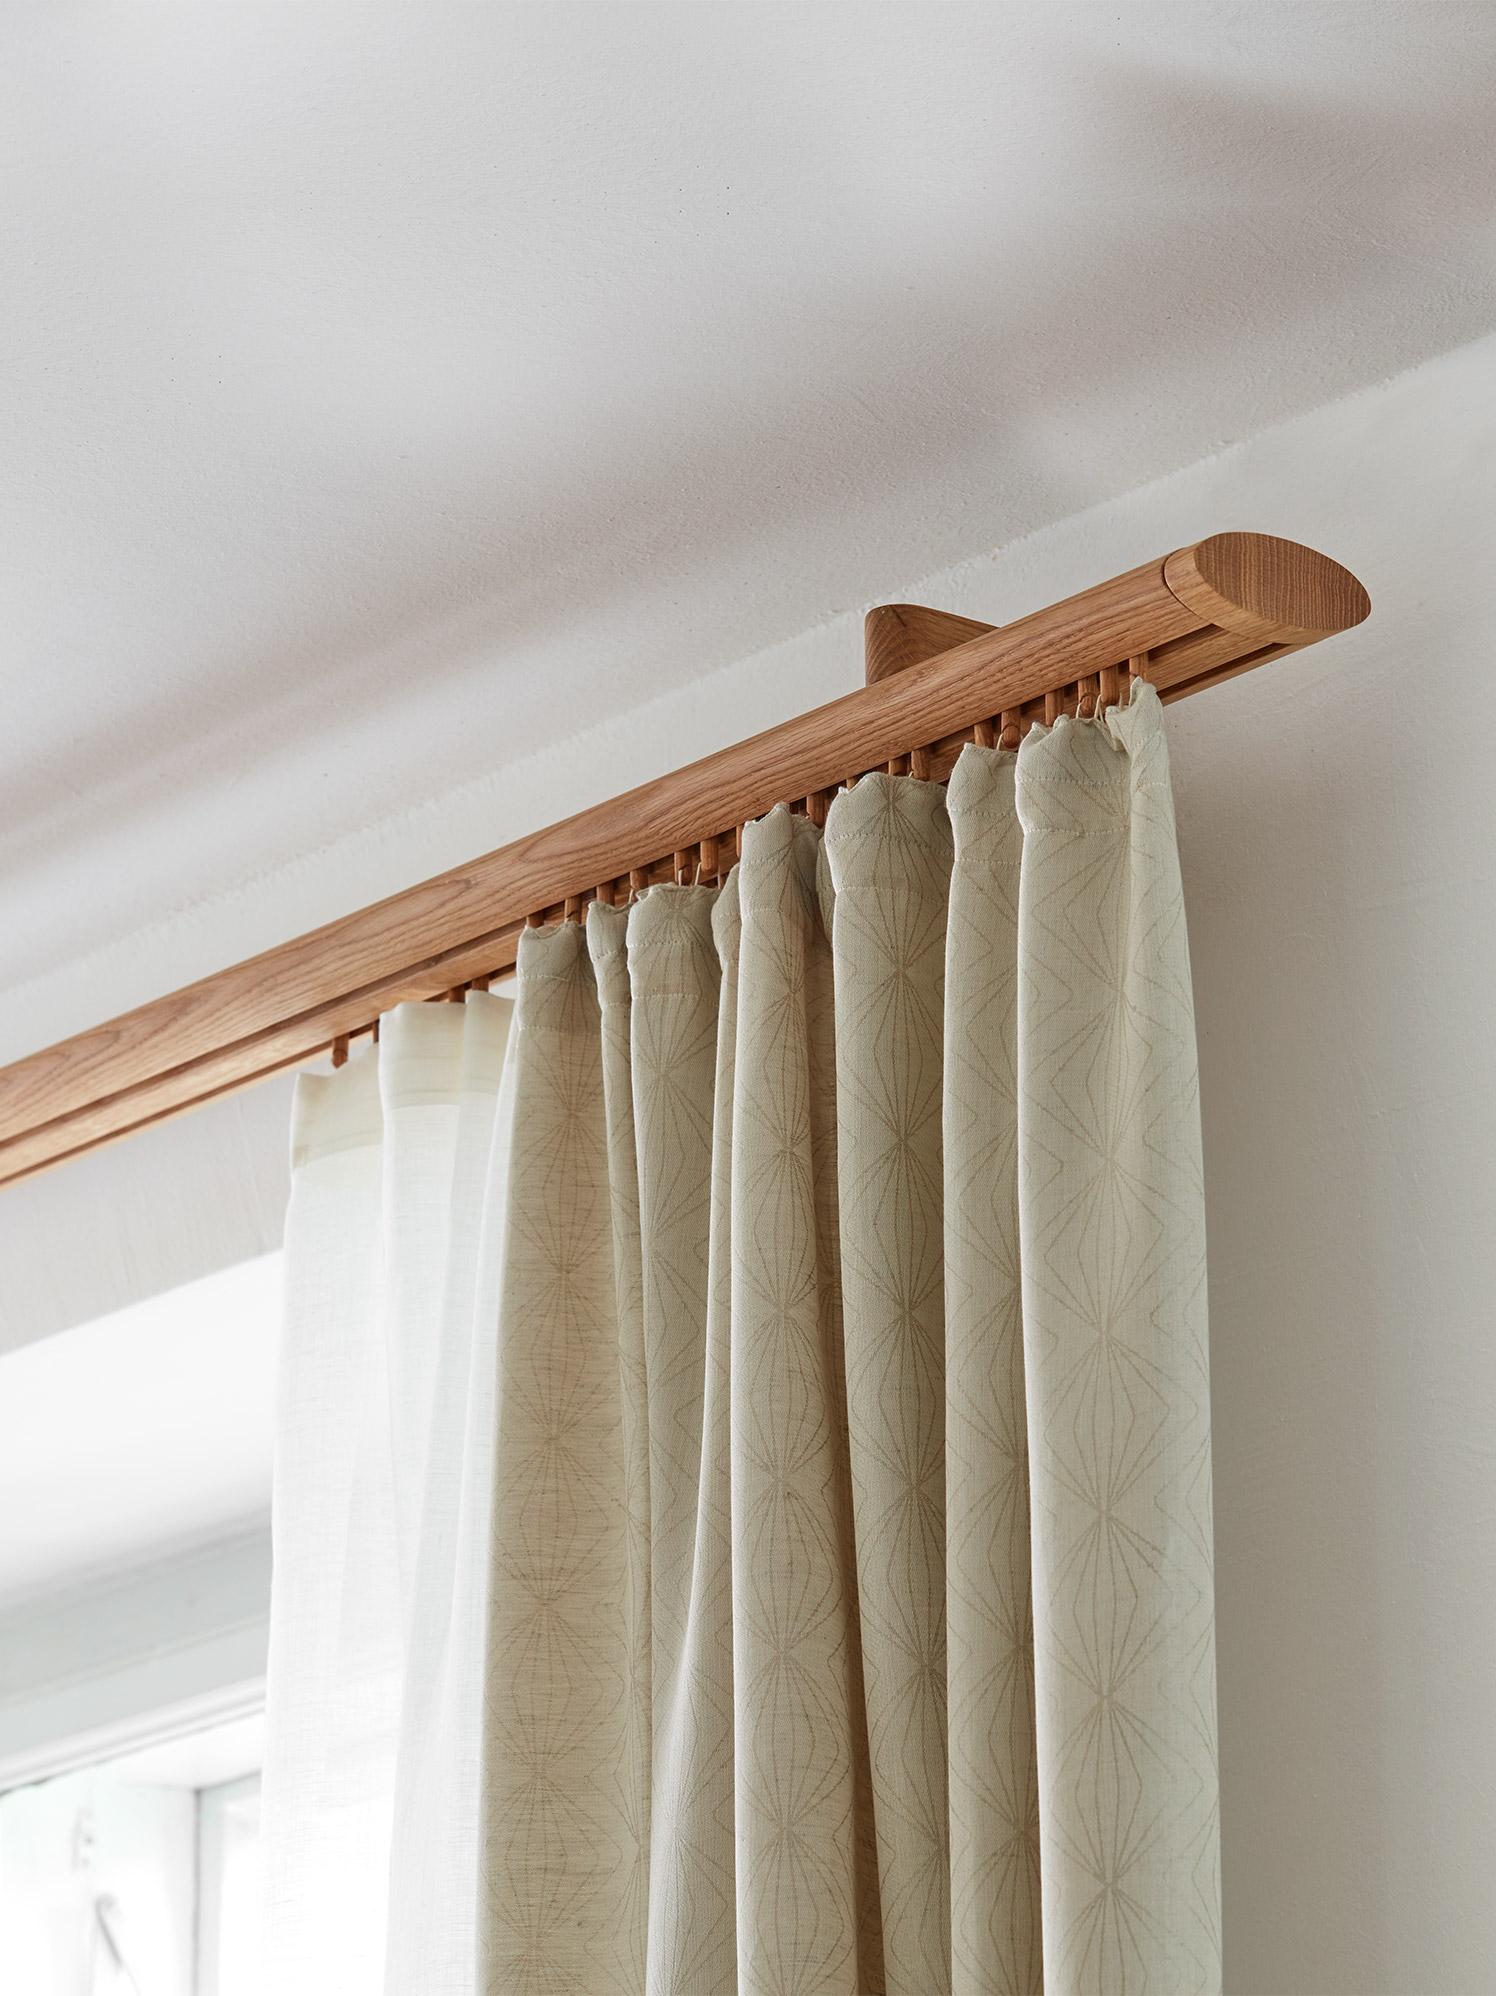 halterung listello f r vorhangstange oval buche gr ne erde. Black Bedroom Furniture Sets. Home Design Ideas